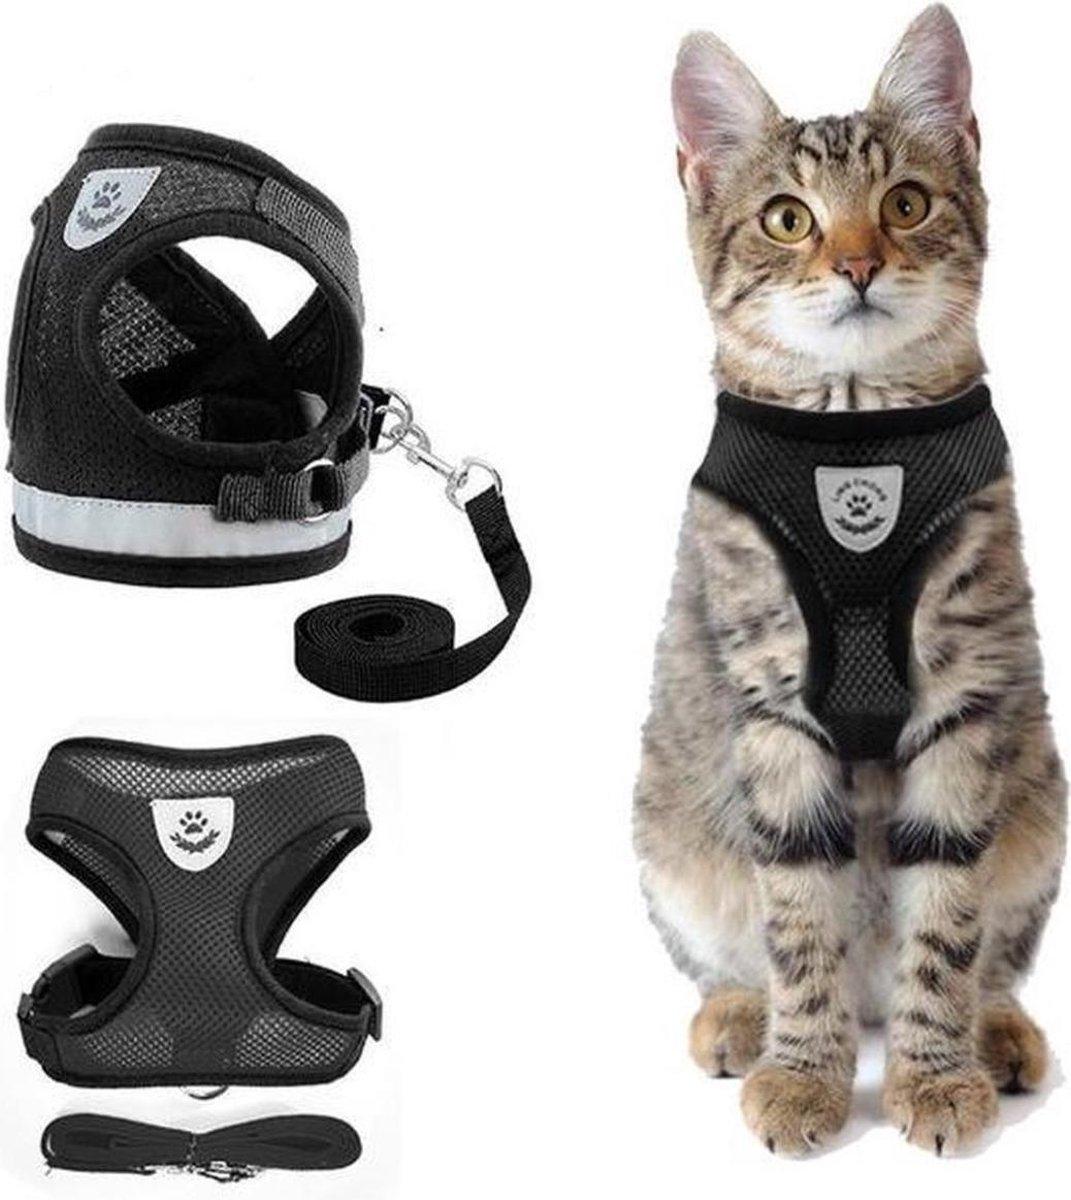 Kattentuigje met looplijn   Zwart Kattenharnas  Easy Step In    Kattenriem   Kattenlijn   Kattentuig